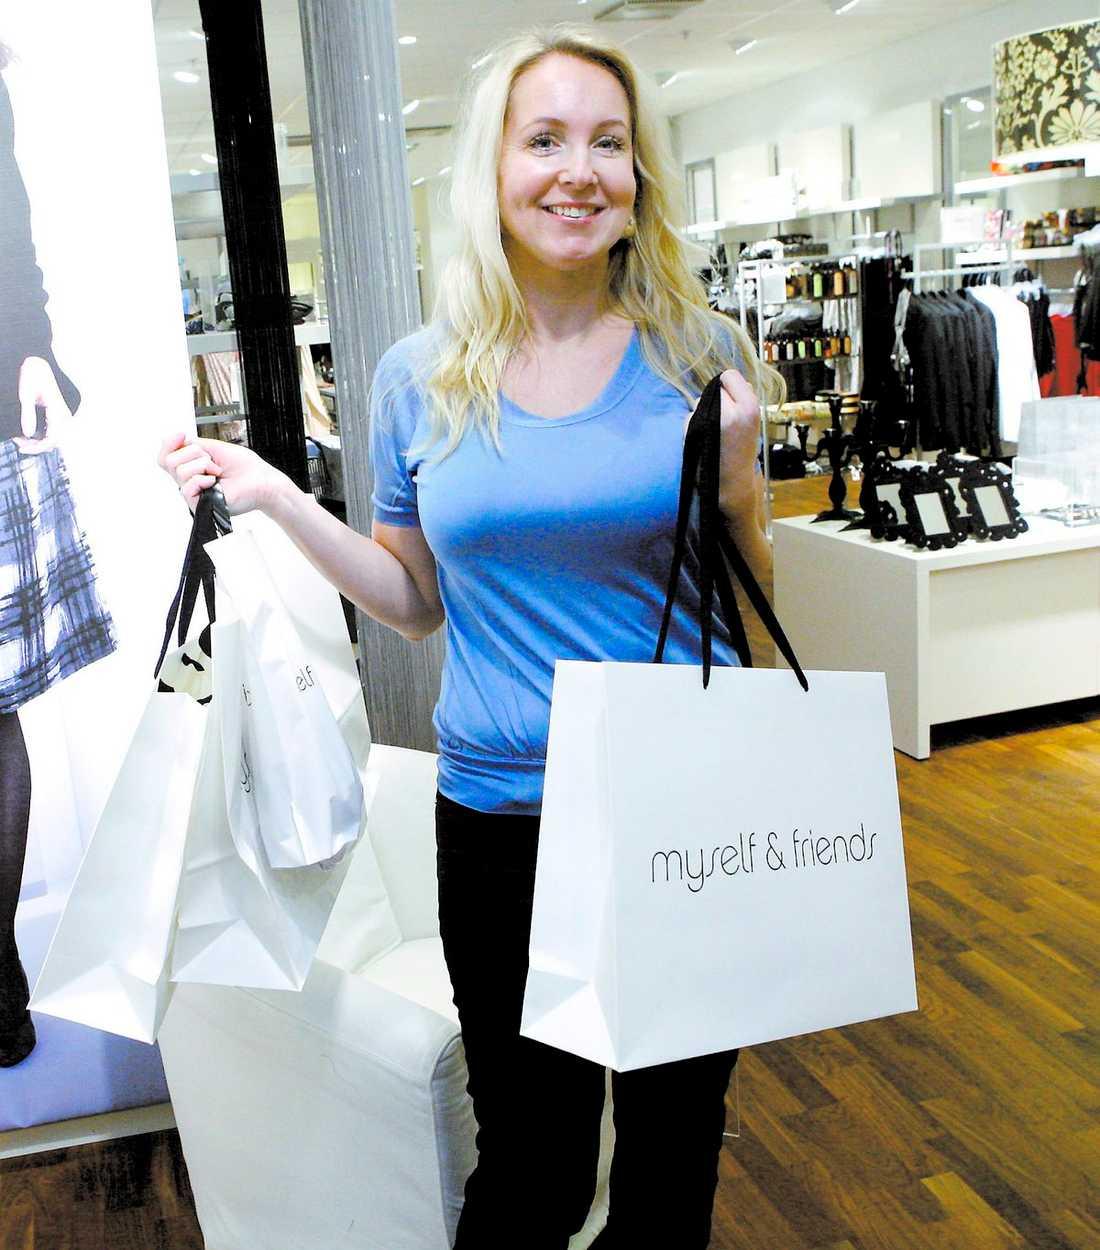 förbud Vår shoppingglada reporter Petra Weiss fick en utmaning: en vecka utan spontana inköp.